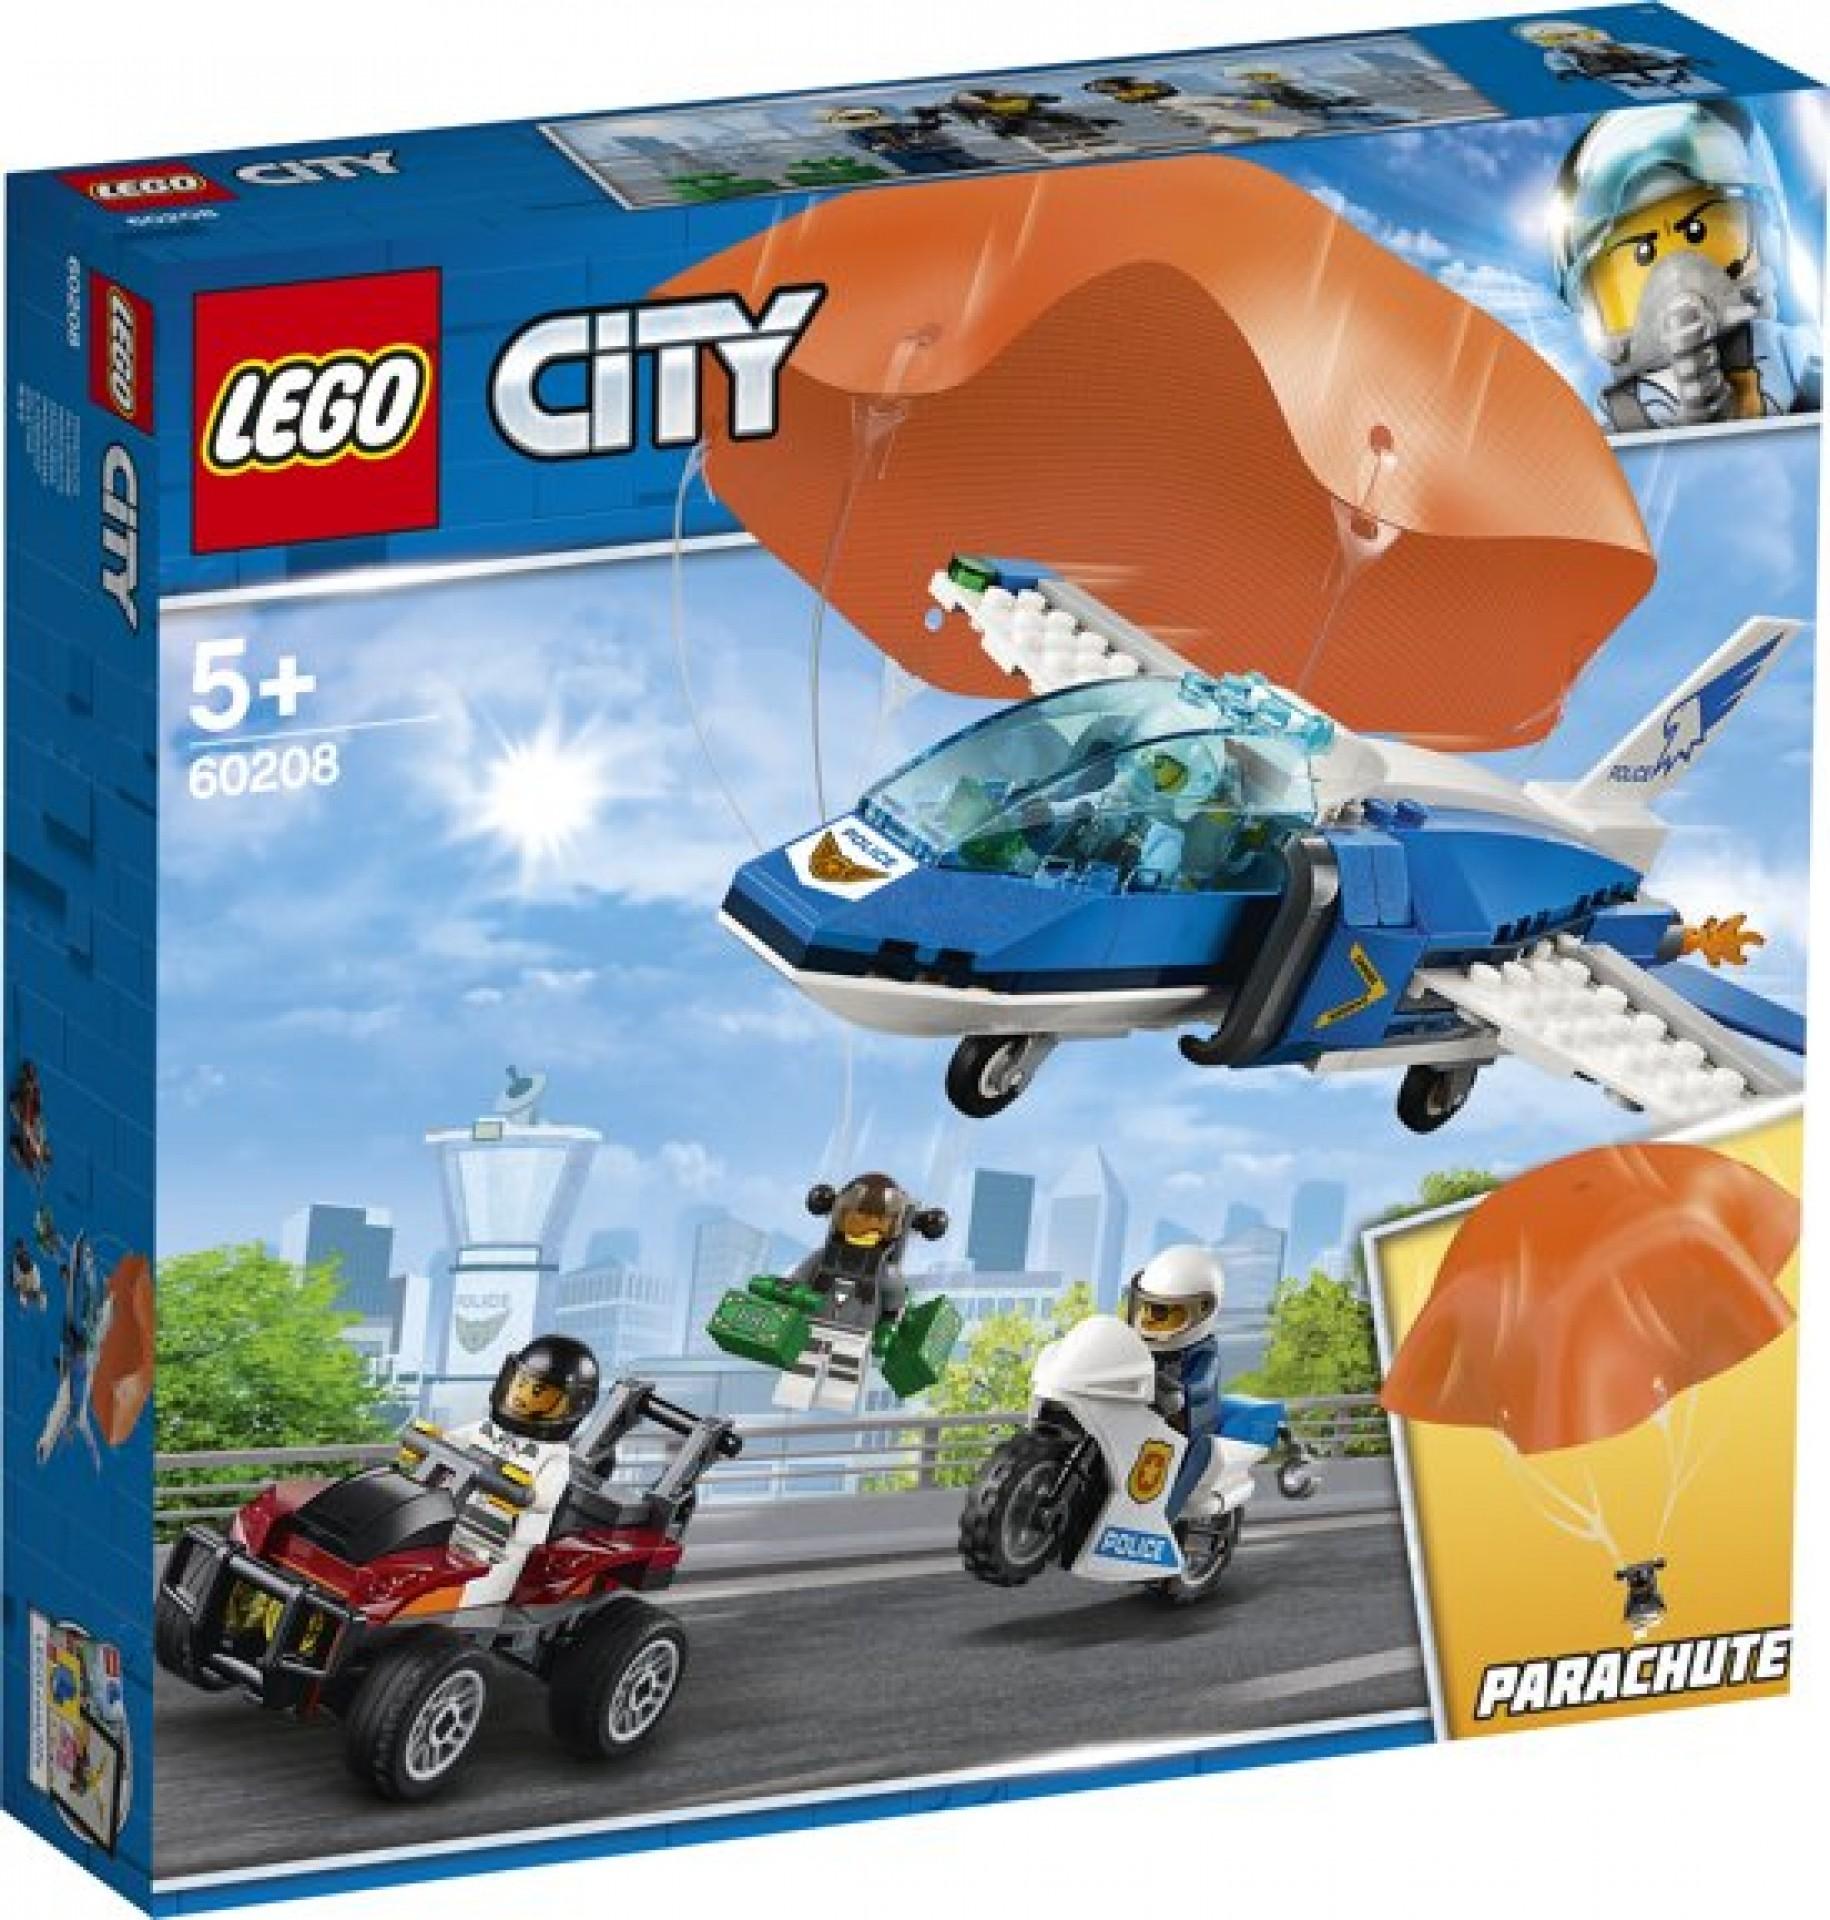 Lego city police 60208 luchtpolitie parachut